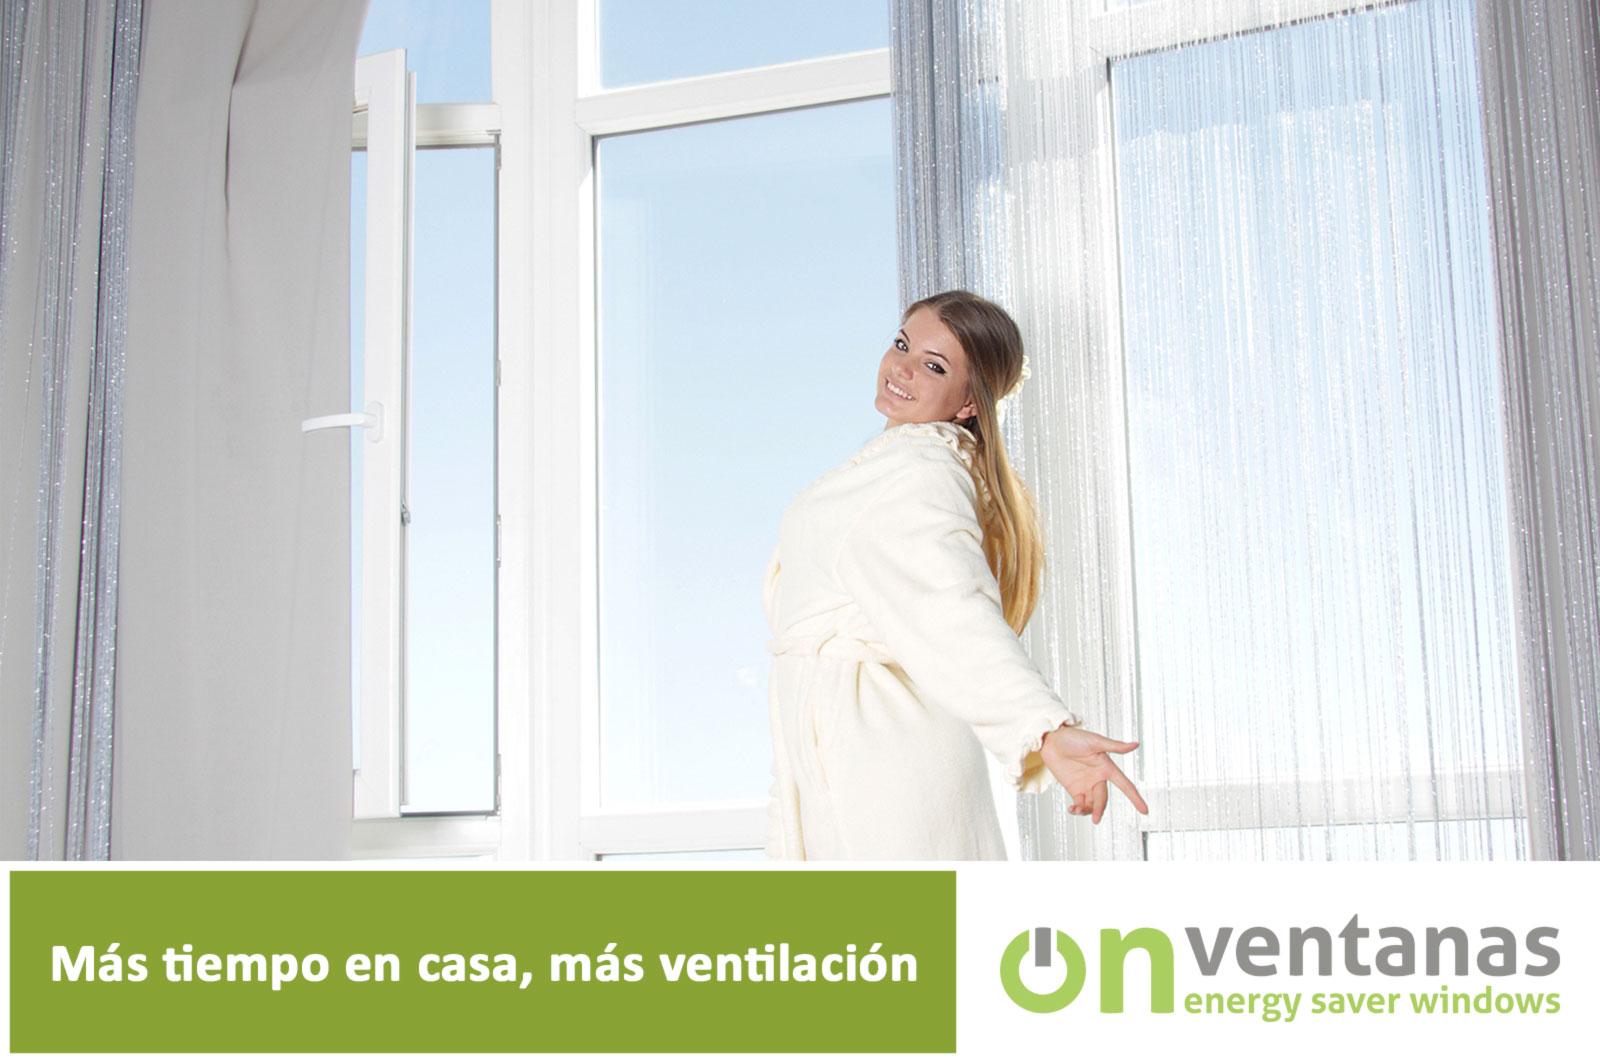 Ventilación Covid-19